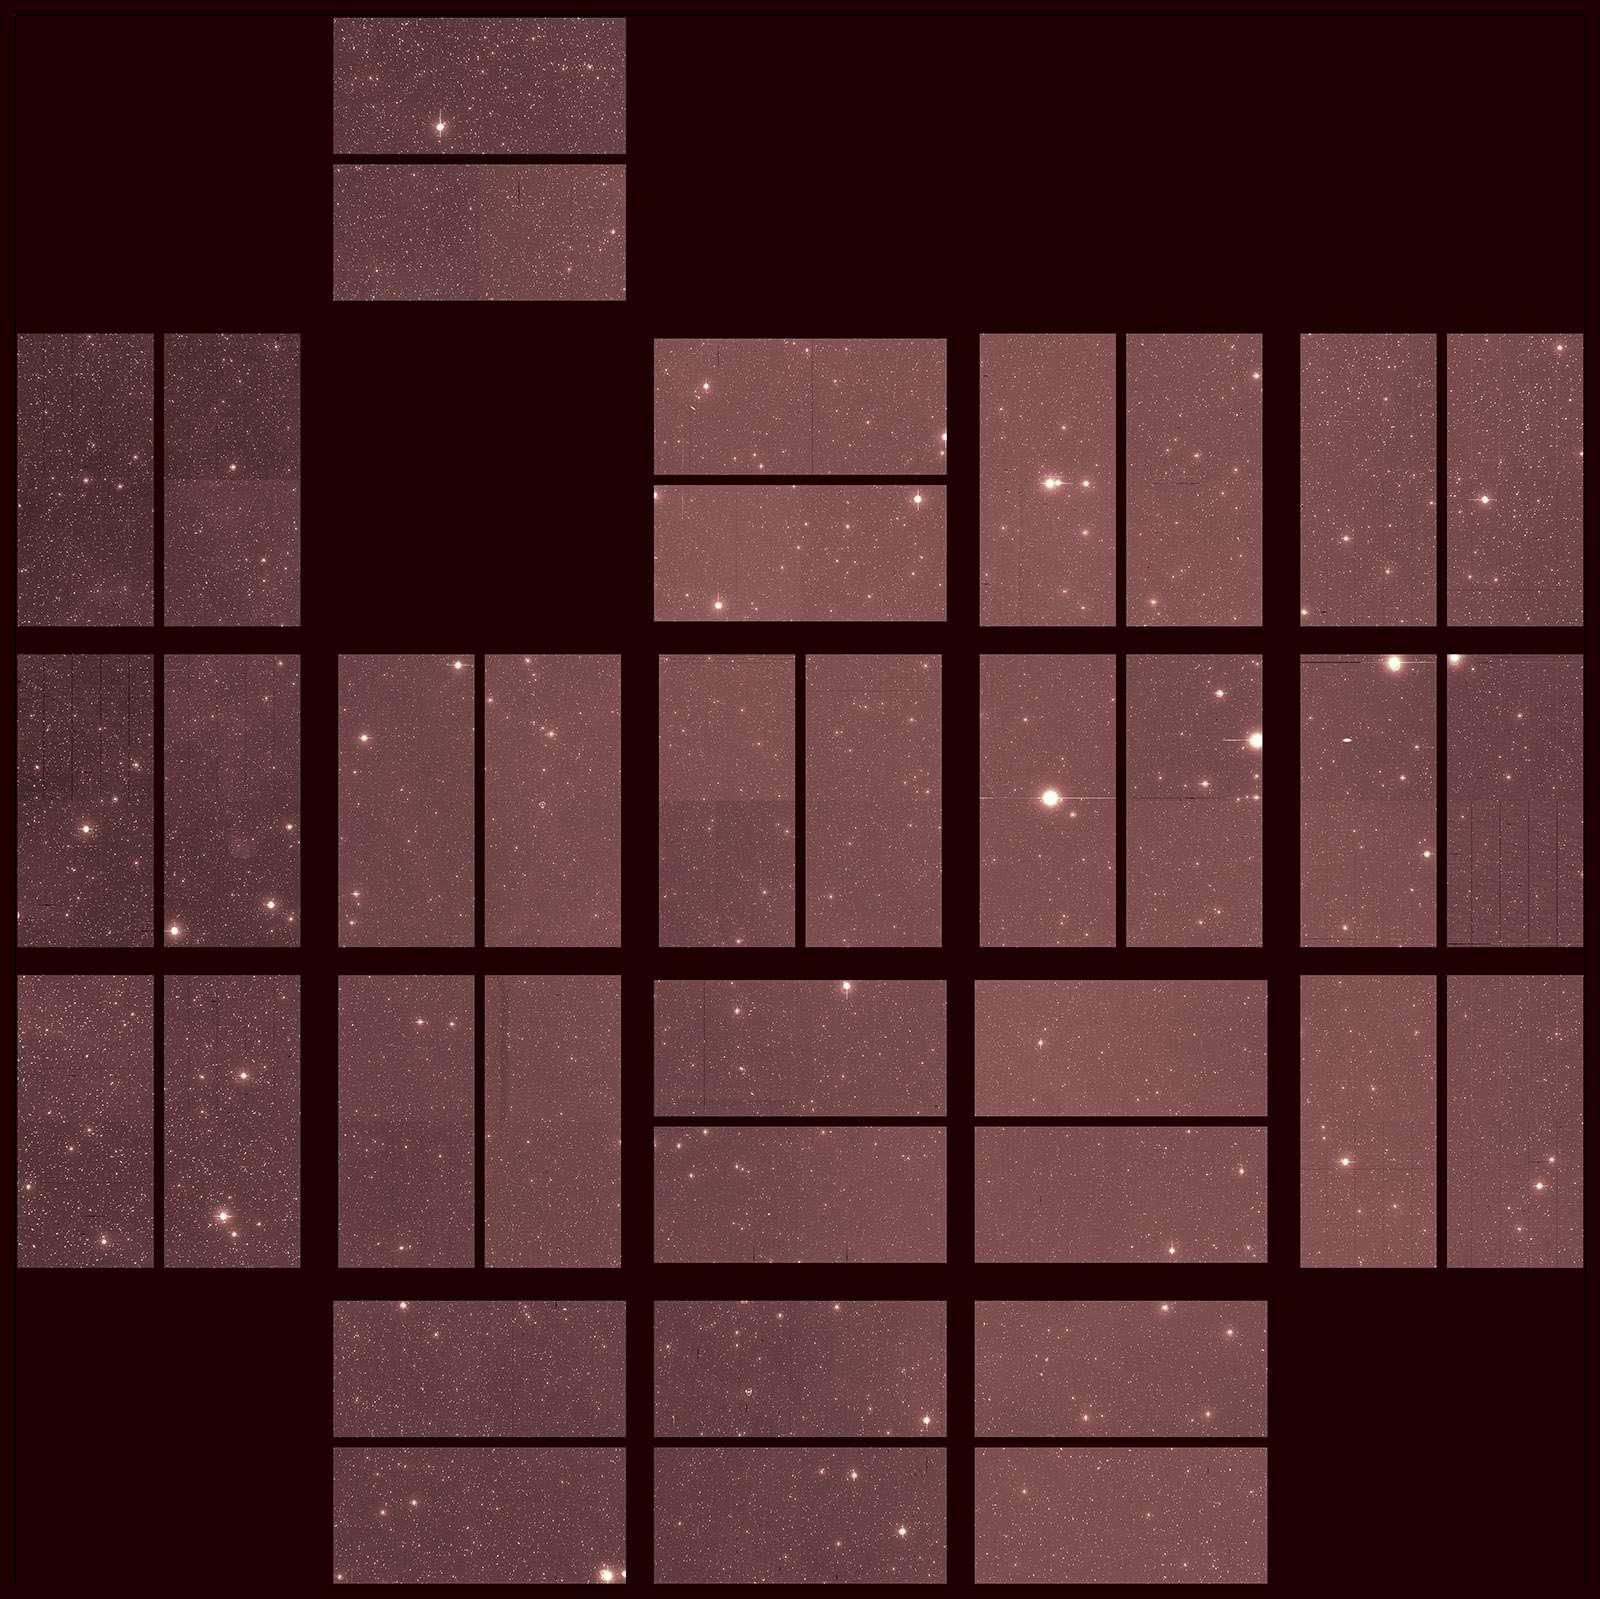 Dernière image du télescope spatial Kepler. Son champ de vue fragmenté s'explique par les 42 capteurs CCD composant sa caméra. Les deux lignes du haut sont malheureusement incomplètes, dus à une défaillance de certains capteurs (à comparer par exemple avec la première lumière de Kepler ici). © Nasa/Ames Research Center